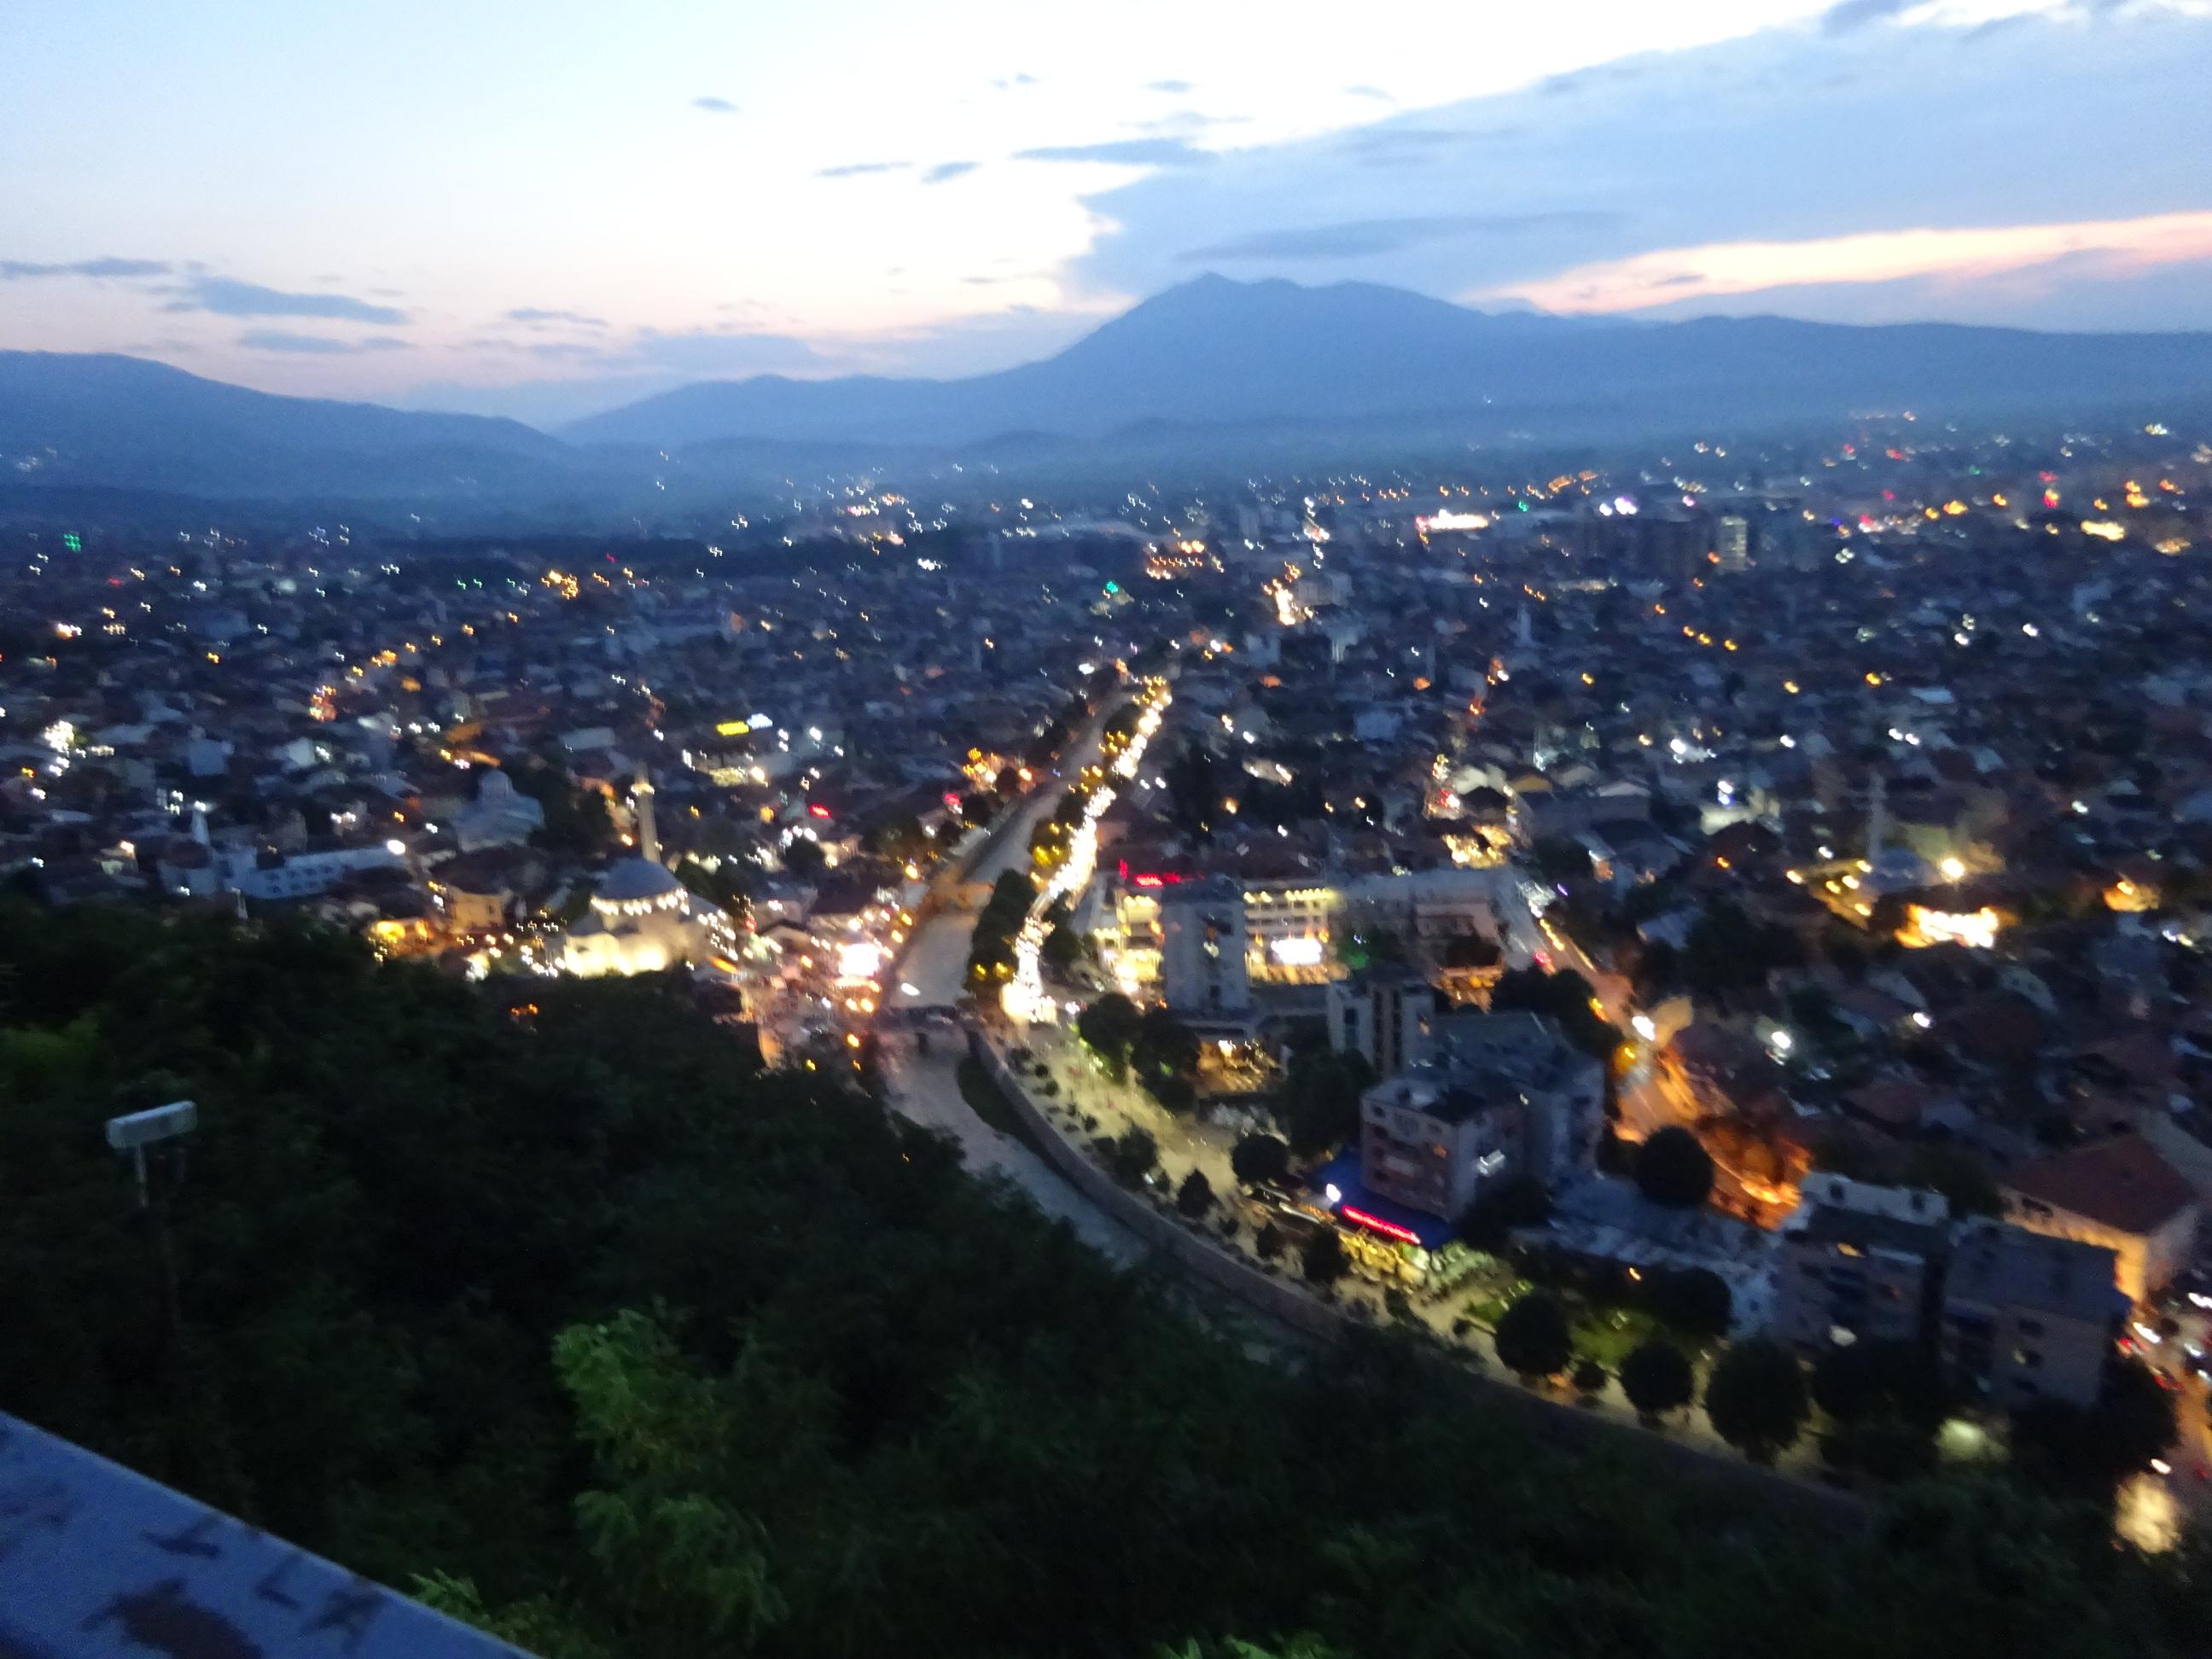 プリズレンの観光「プリズレン要塞」からの夜景